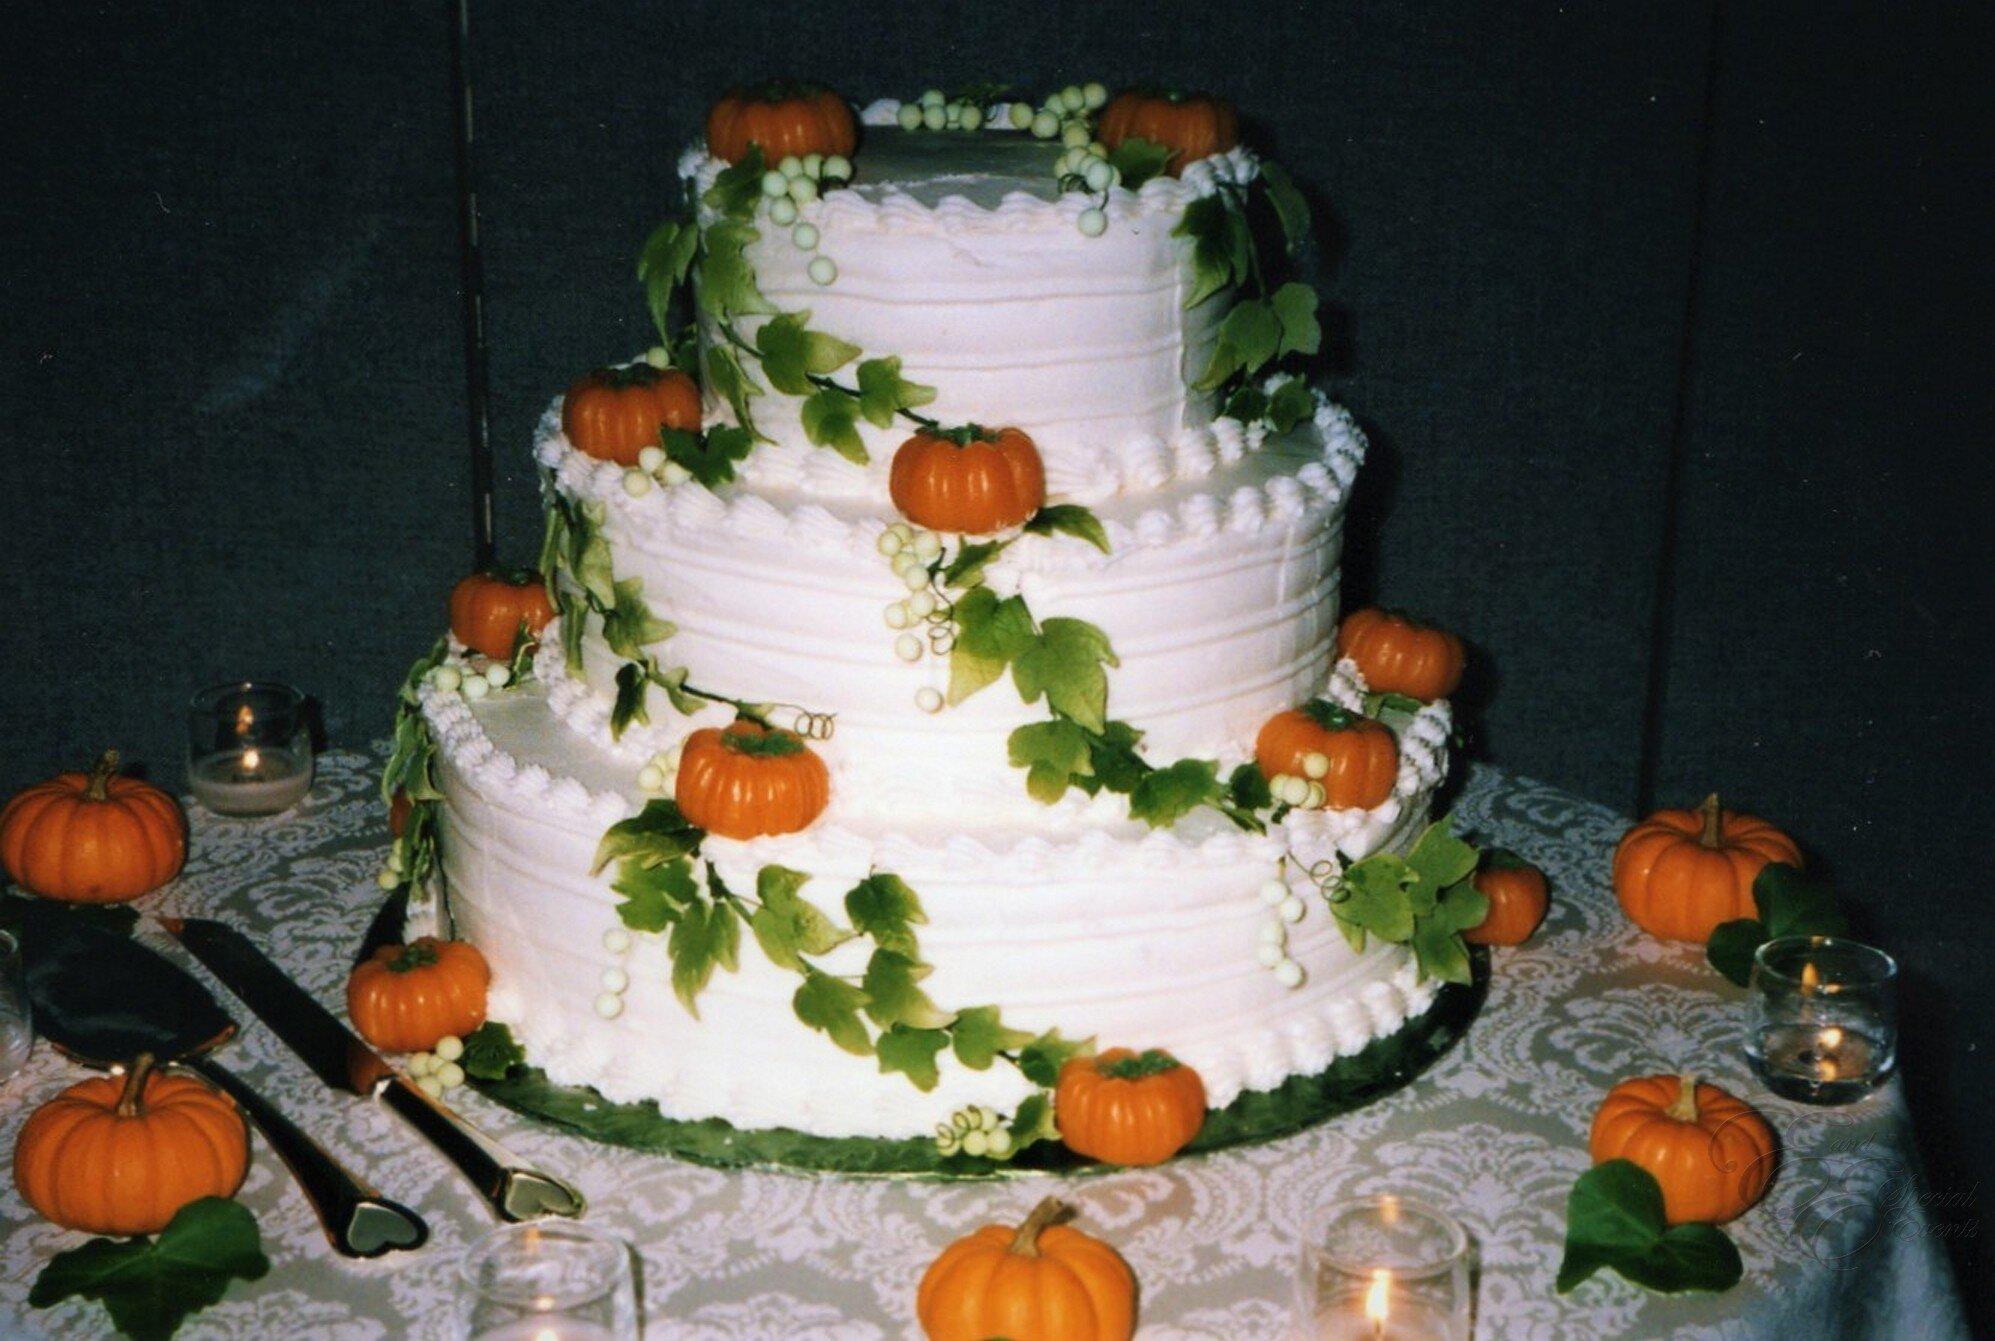 E_E_Special_Events_Unique_Wedding_Cakes_Virginia_Beach_Hampton_Roads90.jpg